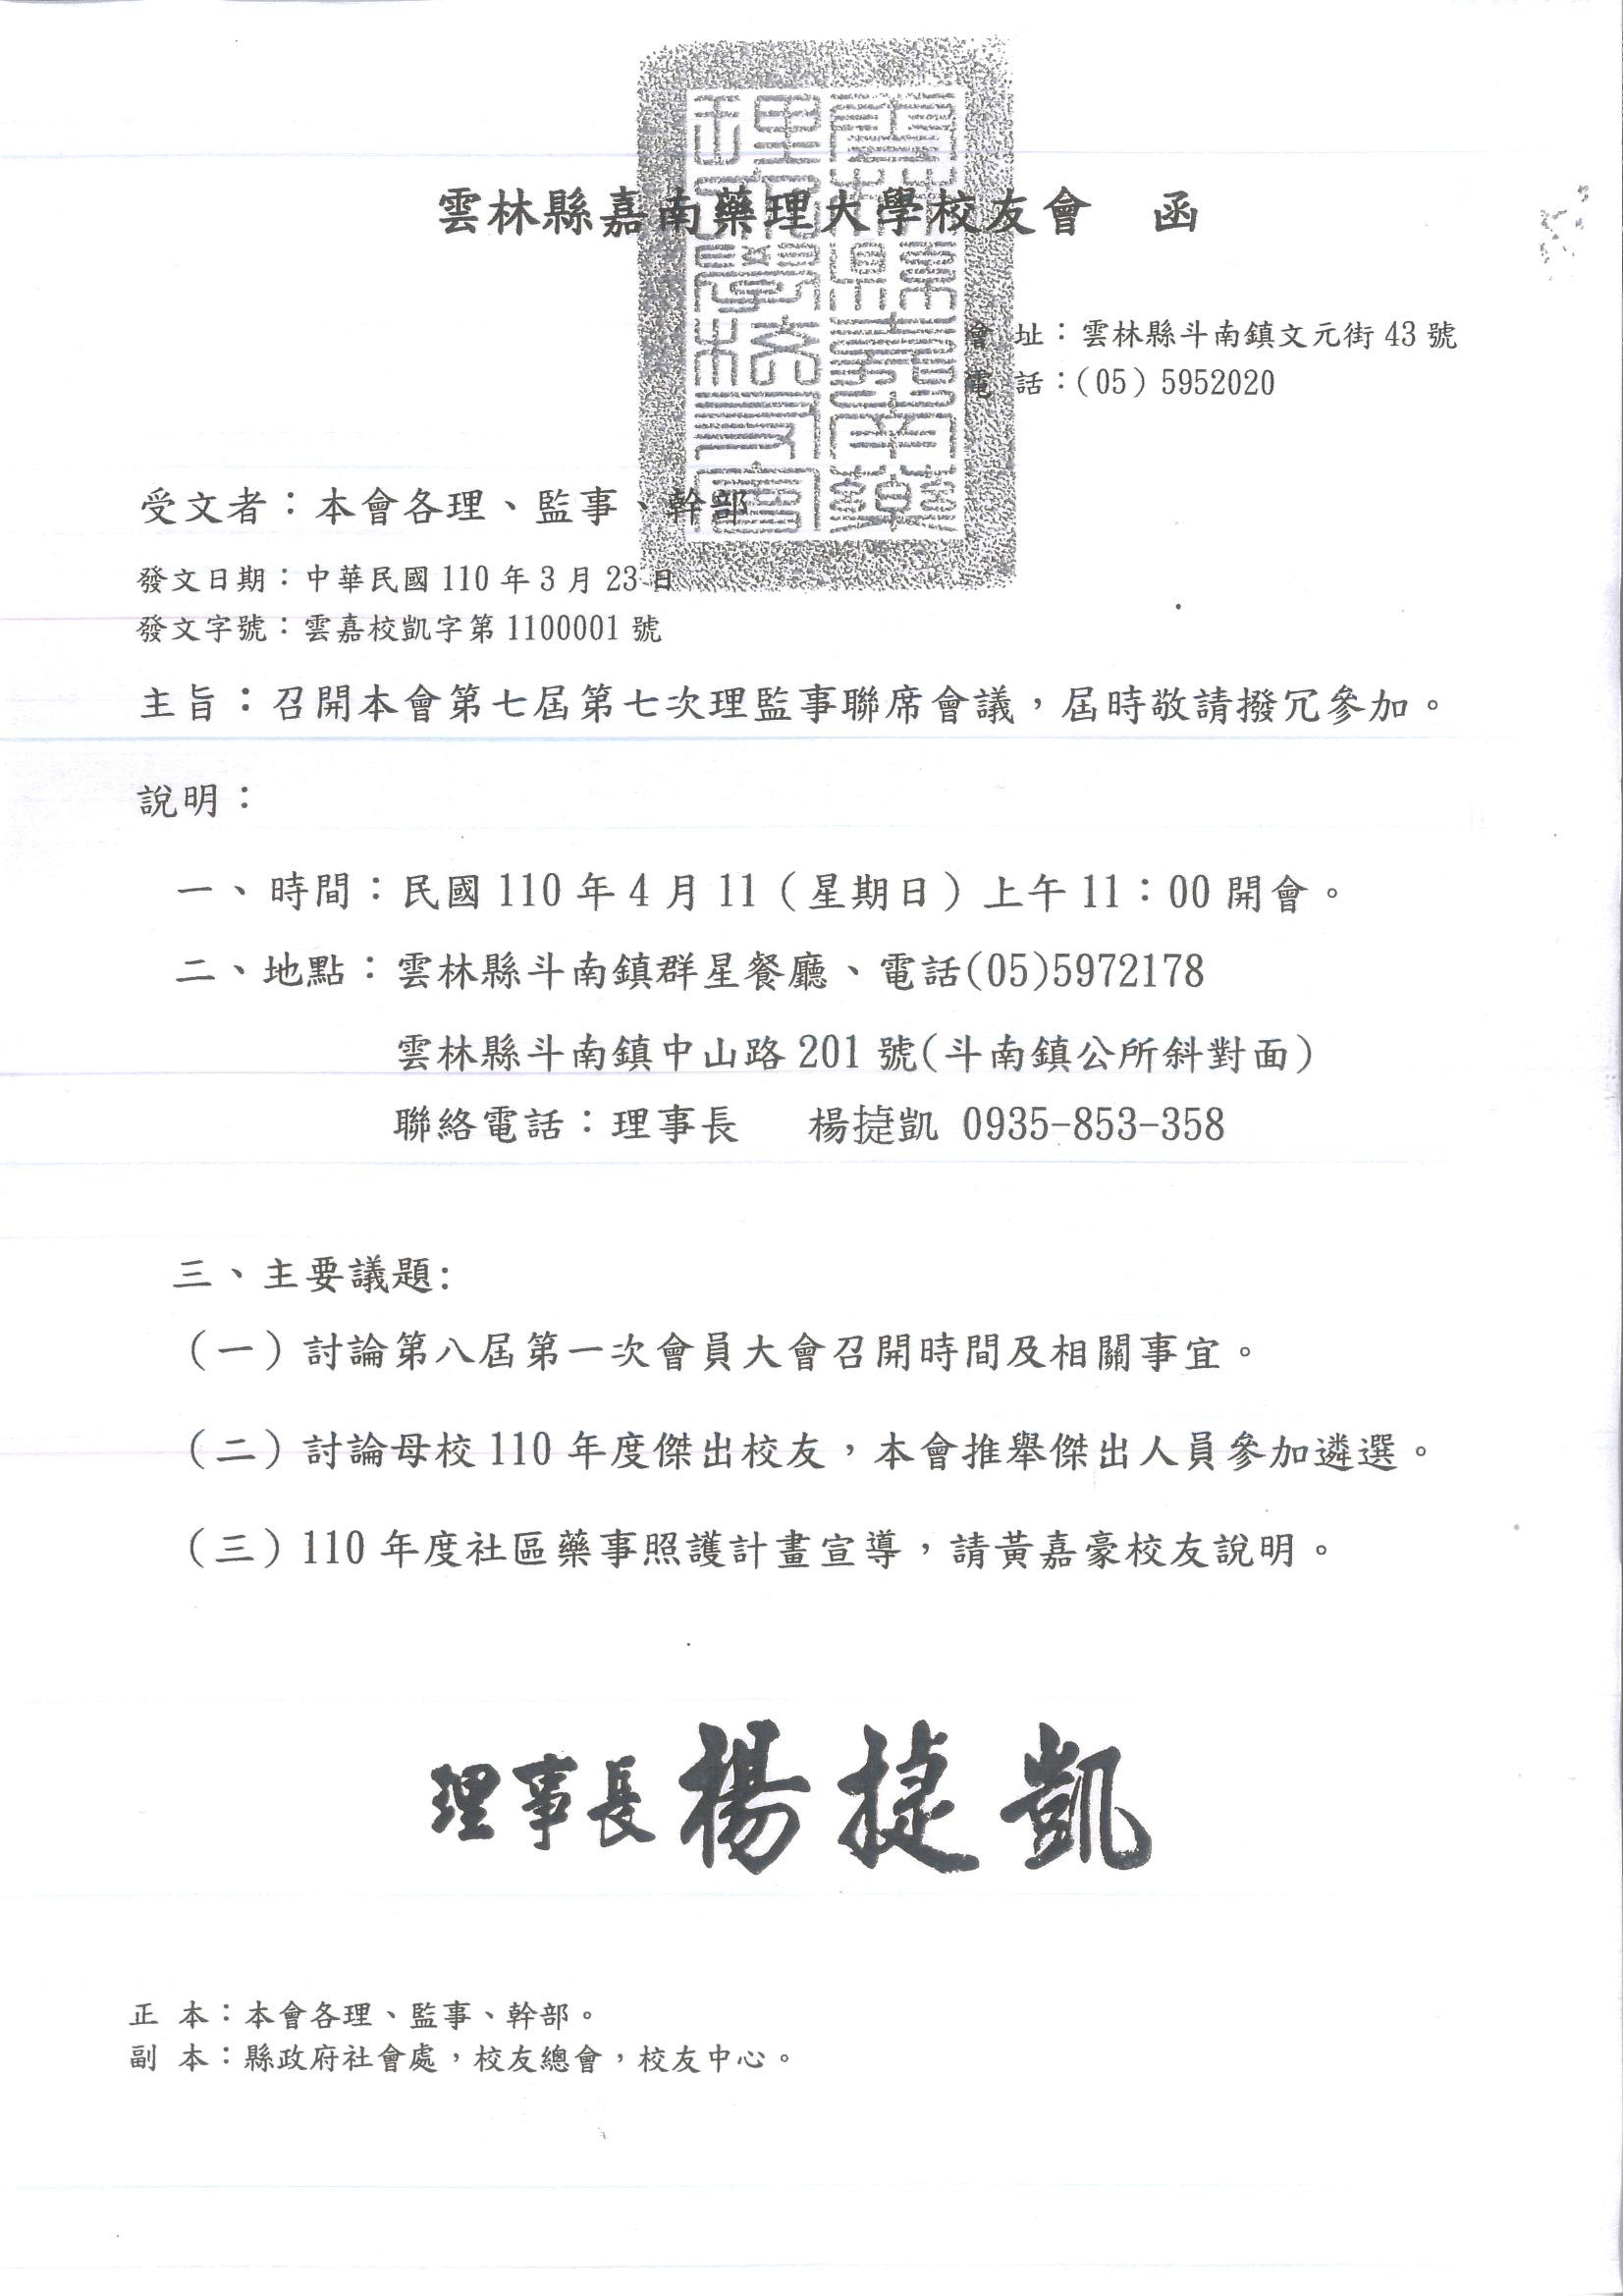 雲林縣校友會第七屆第七次理監事聯席會議110.04.11